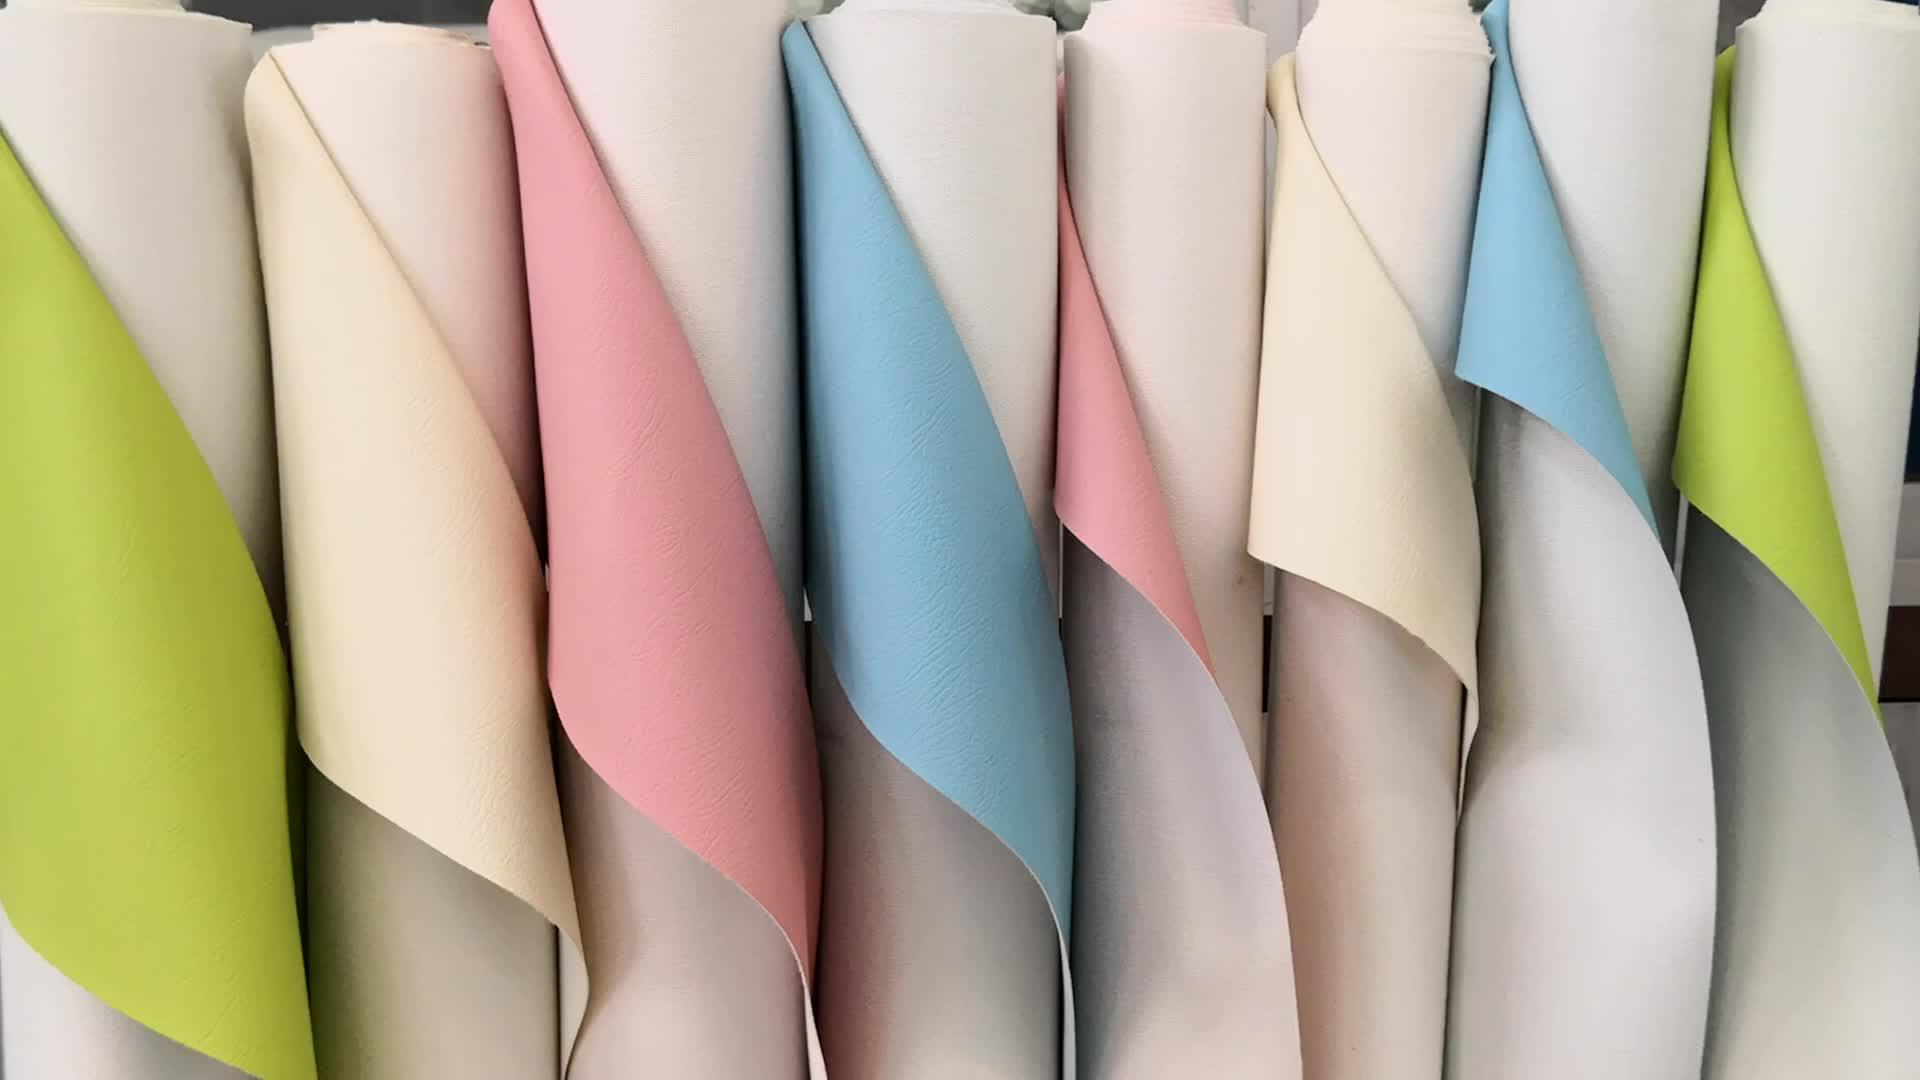 ขายร้อนพิมพ์นูน PVC ไวนิลสังเคราะห์หนังผ้าสำหรับที่นั่งรถ, โซฟา, 1.0 มม. ประดิษฐ์ leatheroid made in China